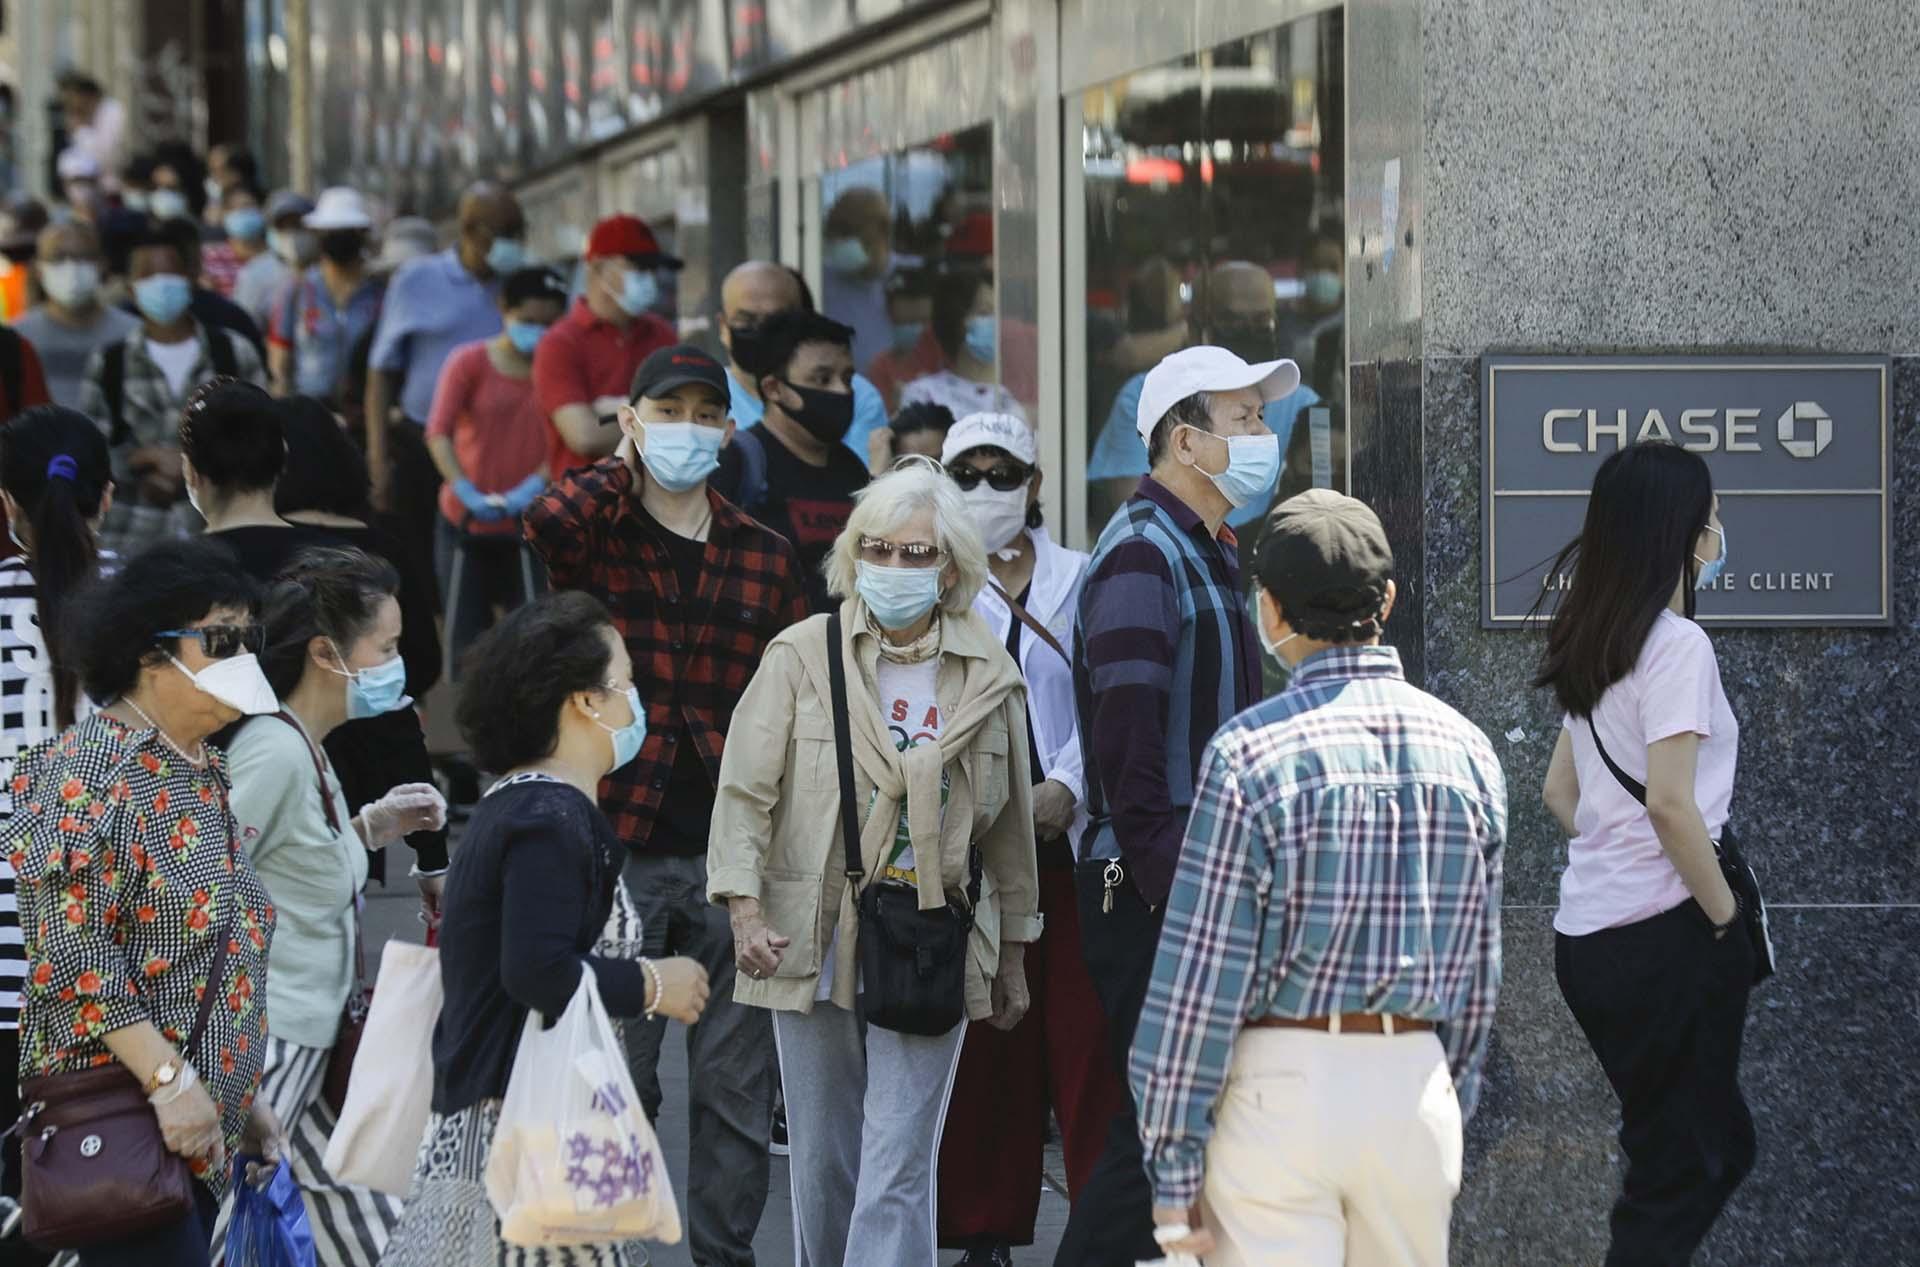 Peatones caminan frente a una sucursal del banco Chase en la zona de Flushing, Queens, Nueva York.